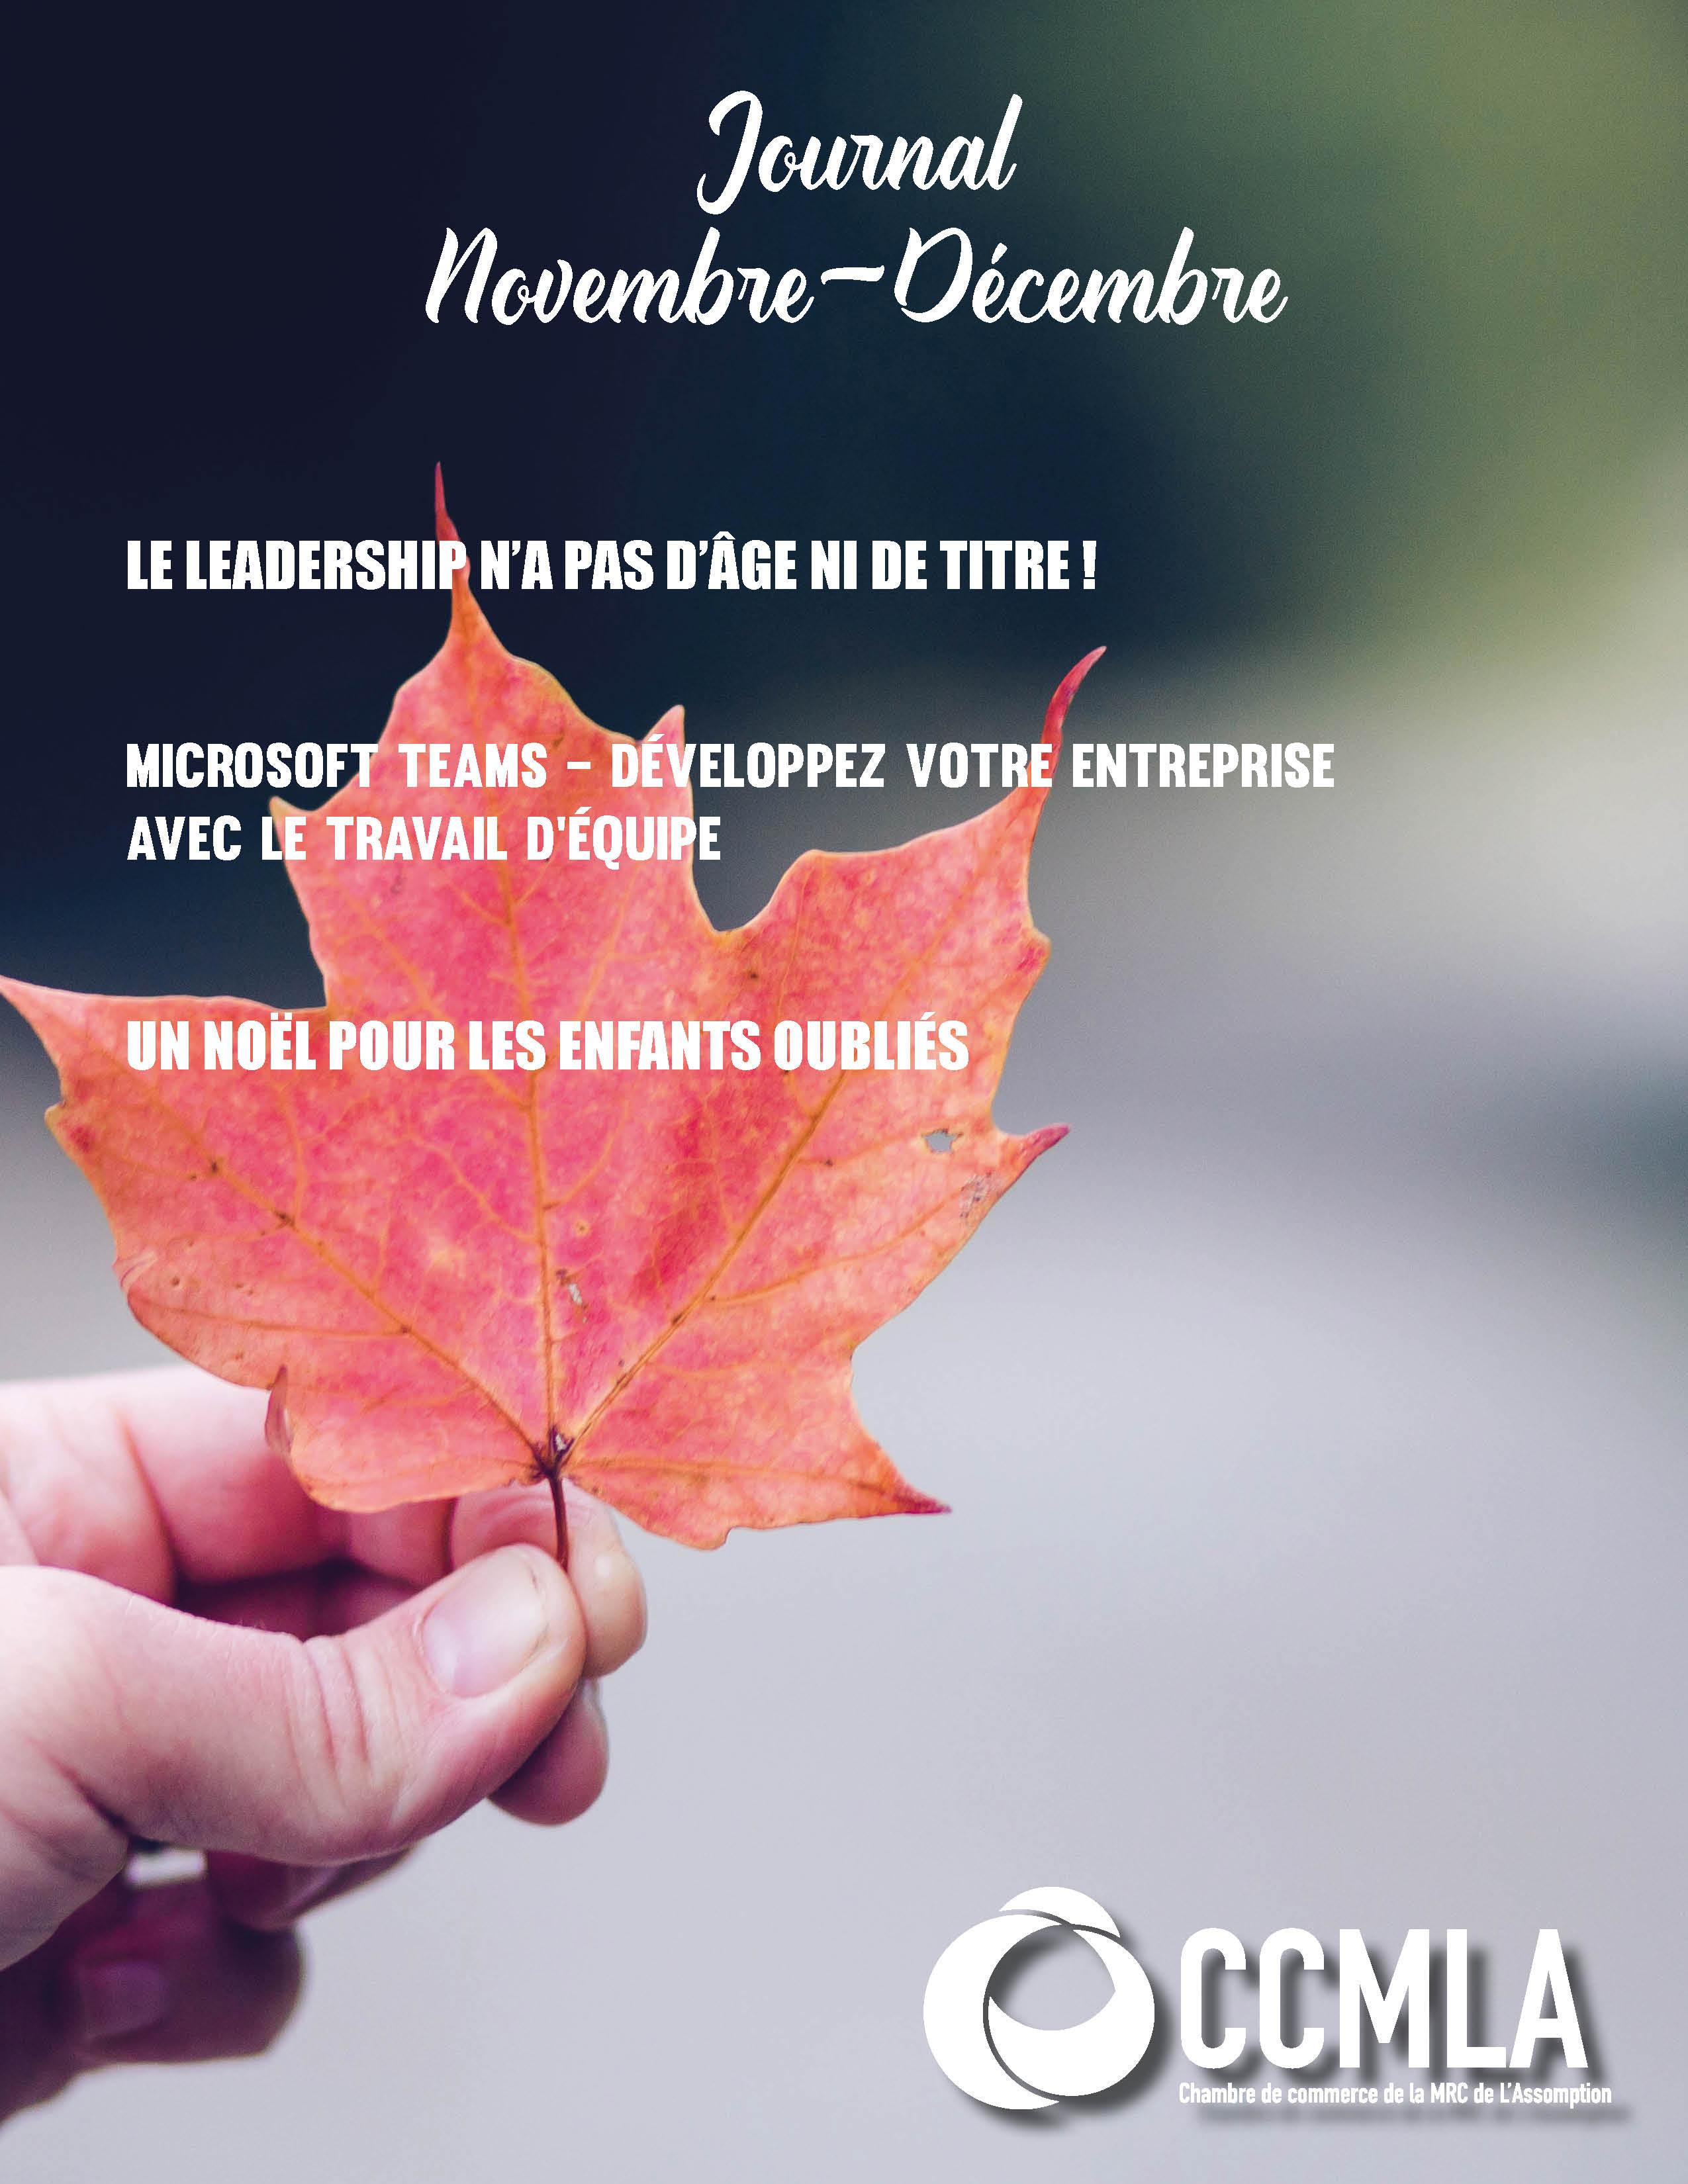 Journal Novembre-Décembre